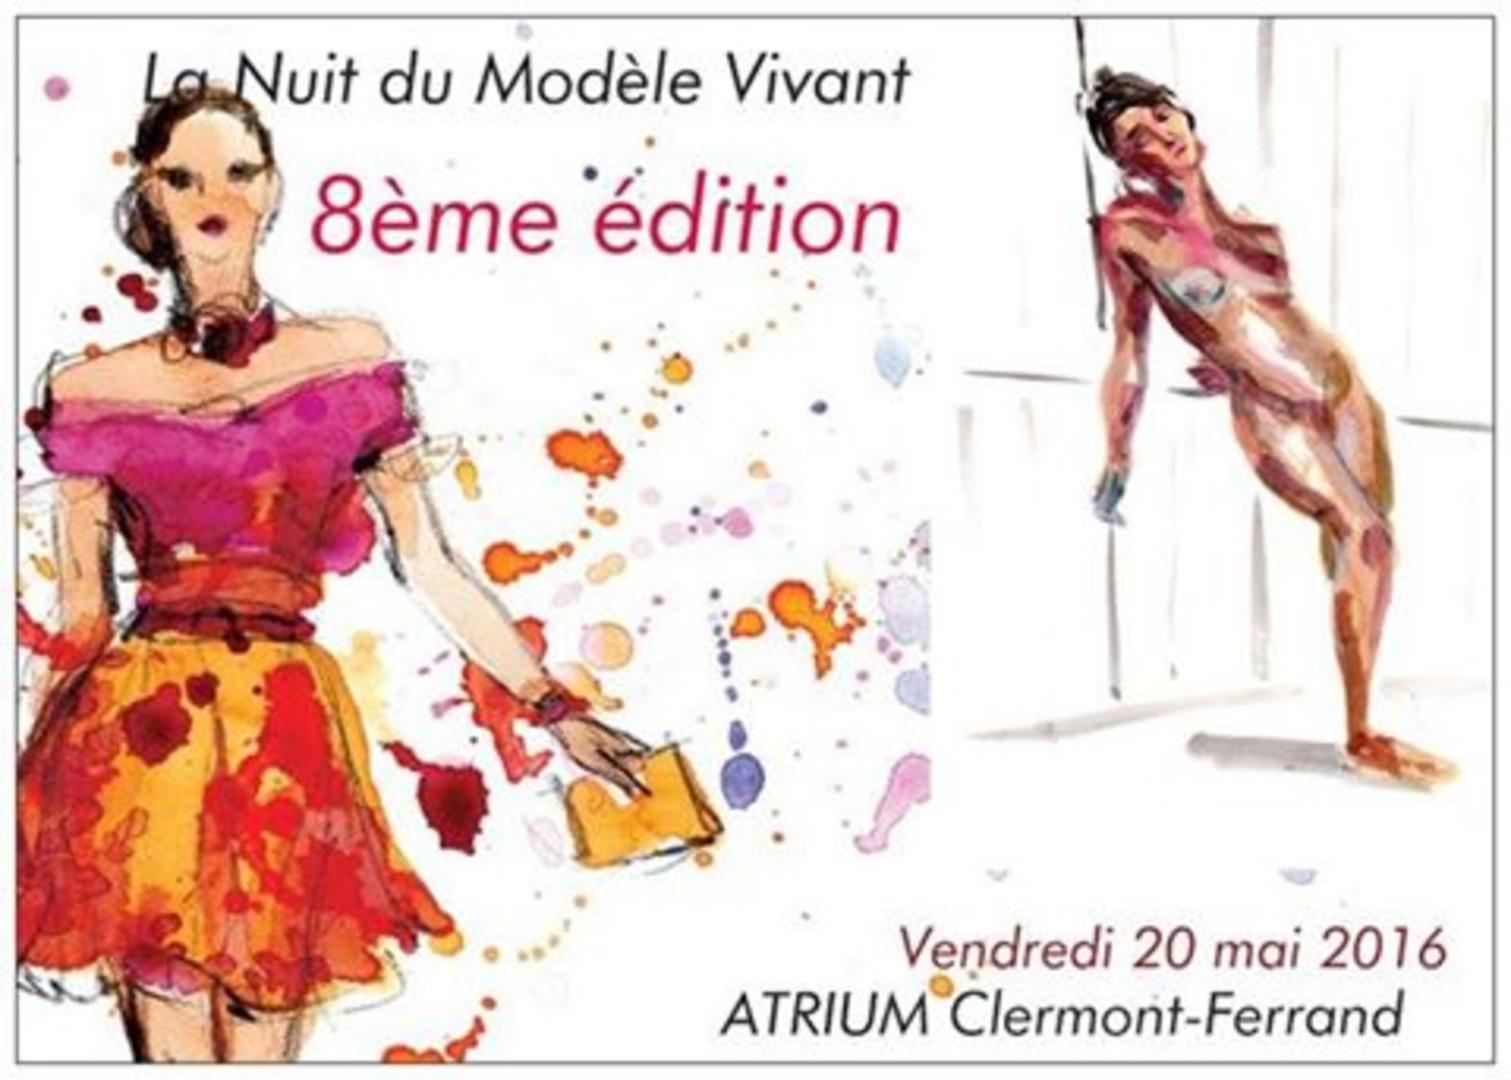 8 ème Nuit du modèle vivant - La Nuit du Modèle Vivant